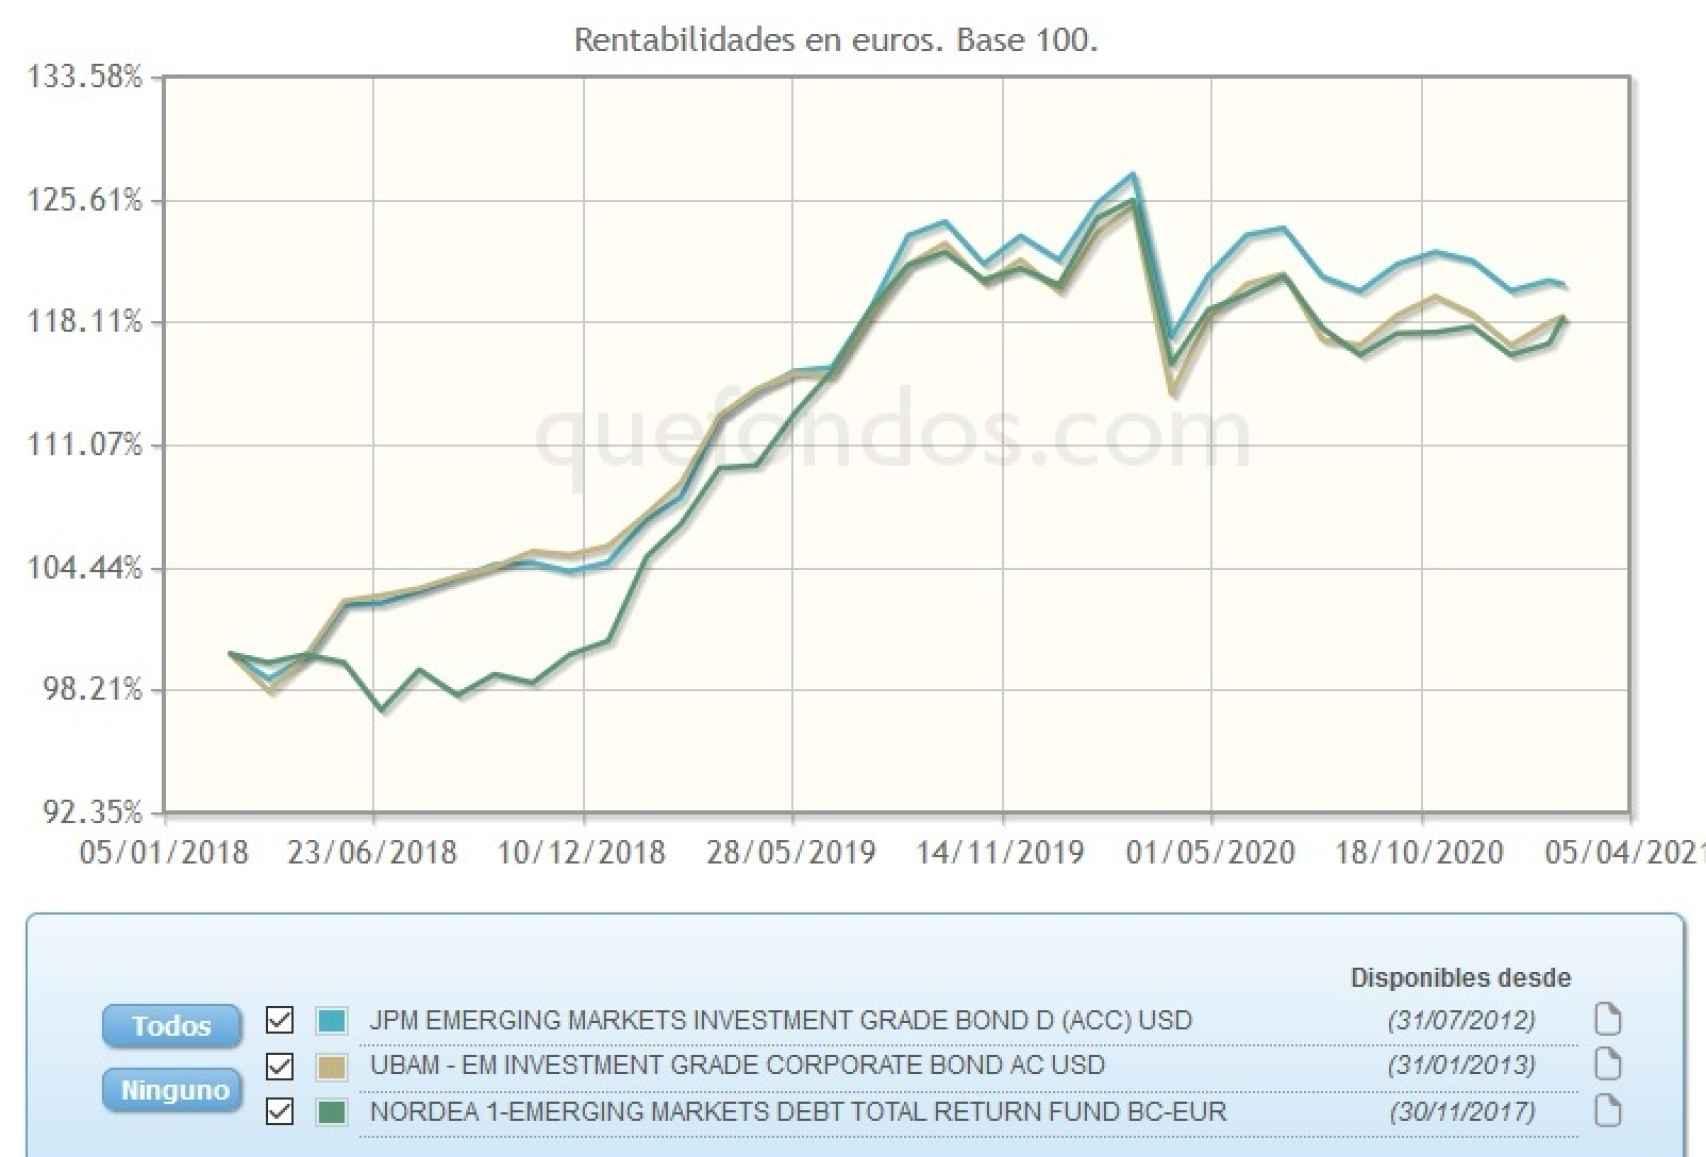 Evolución comparativa de fondos de renta fija emergente.